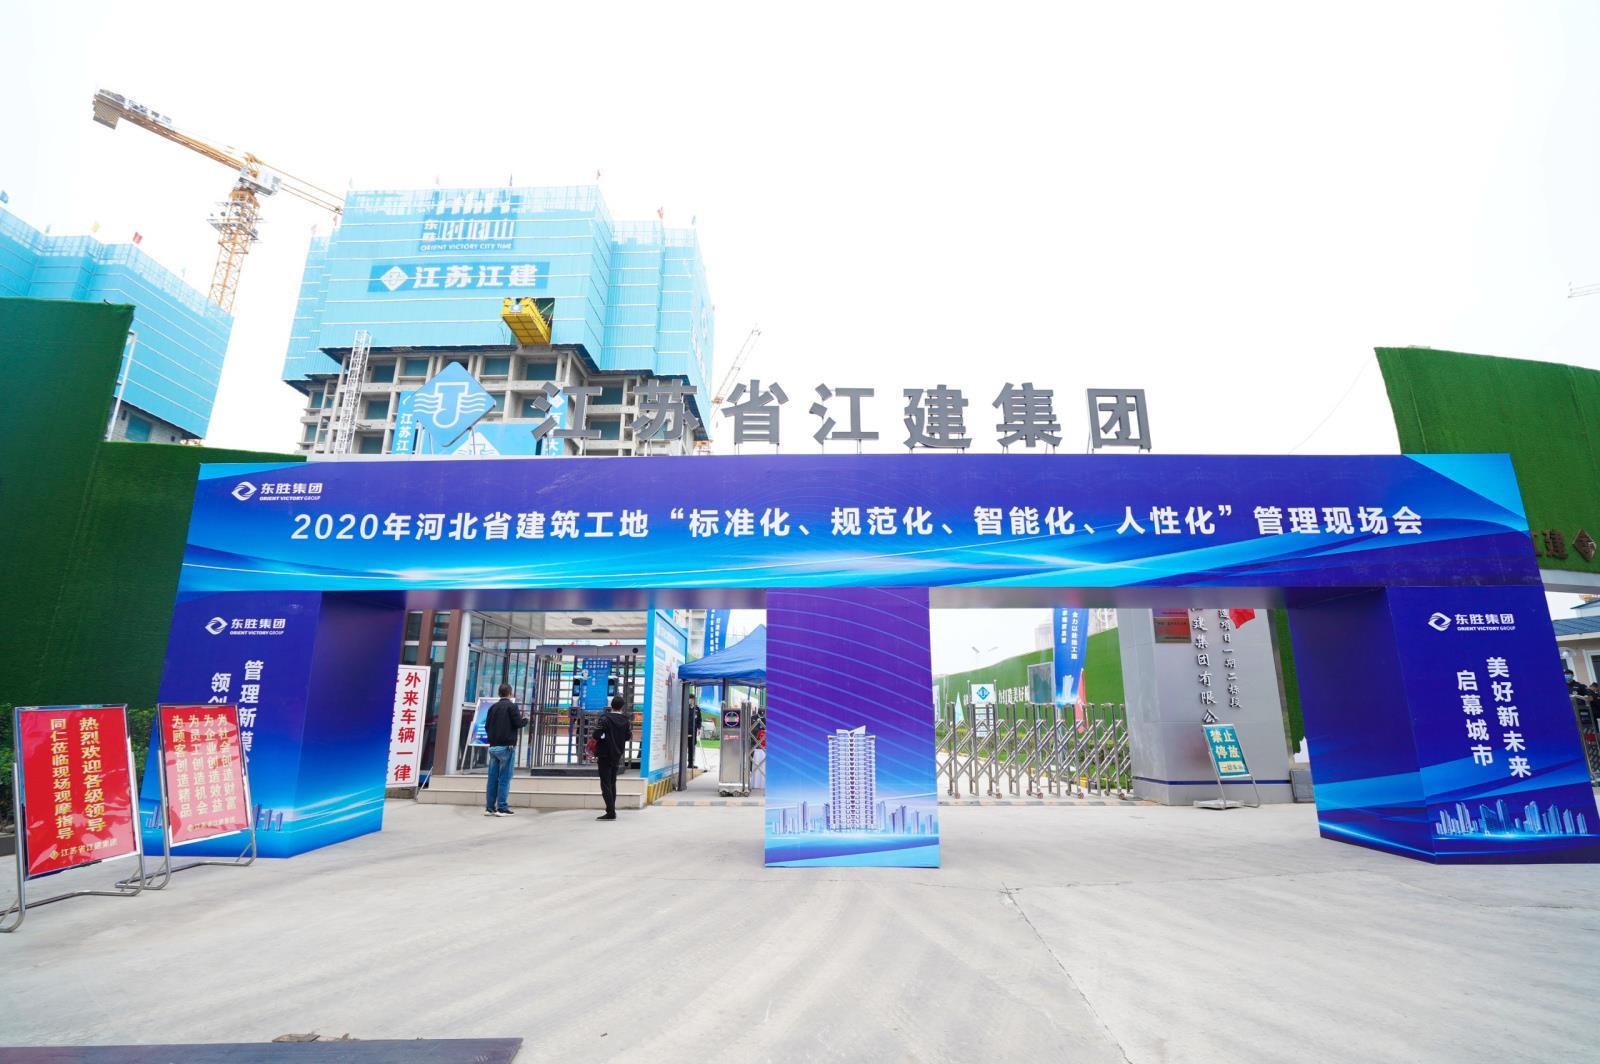 河北省建筑工地管理现场会在东胜棉五社区改造项目盛大召开